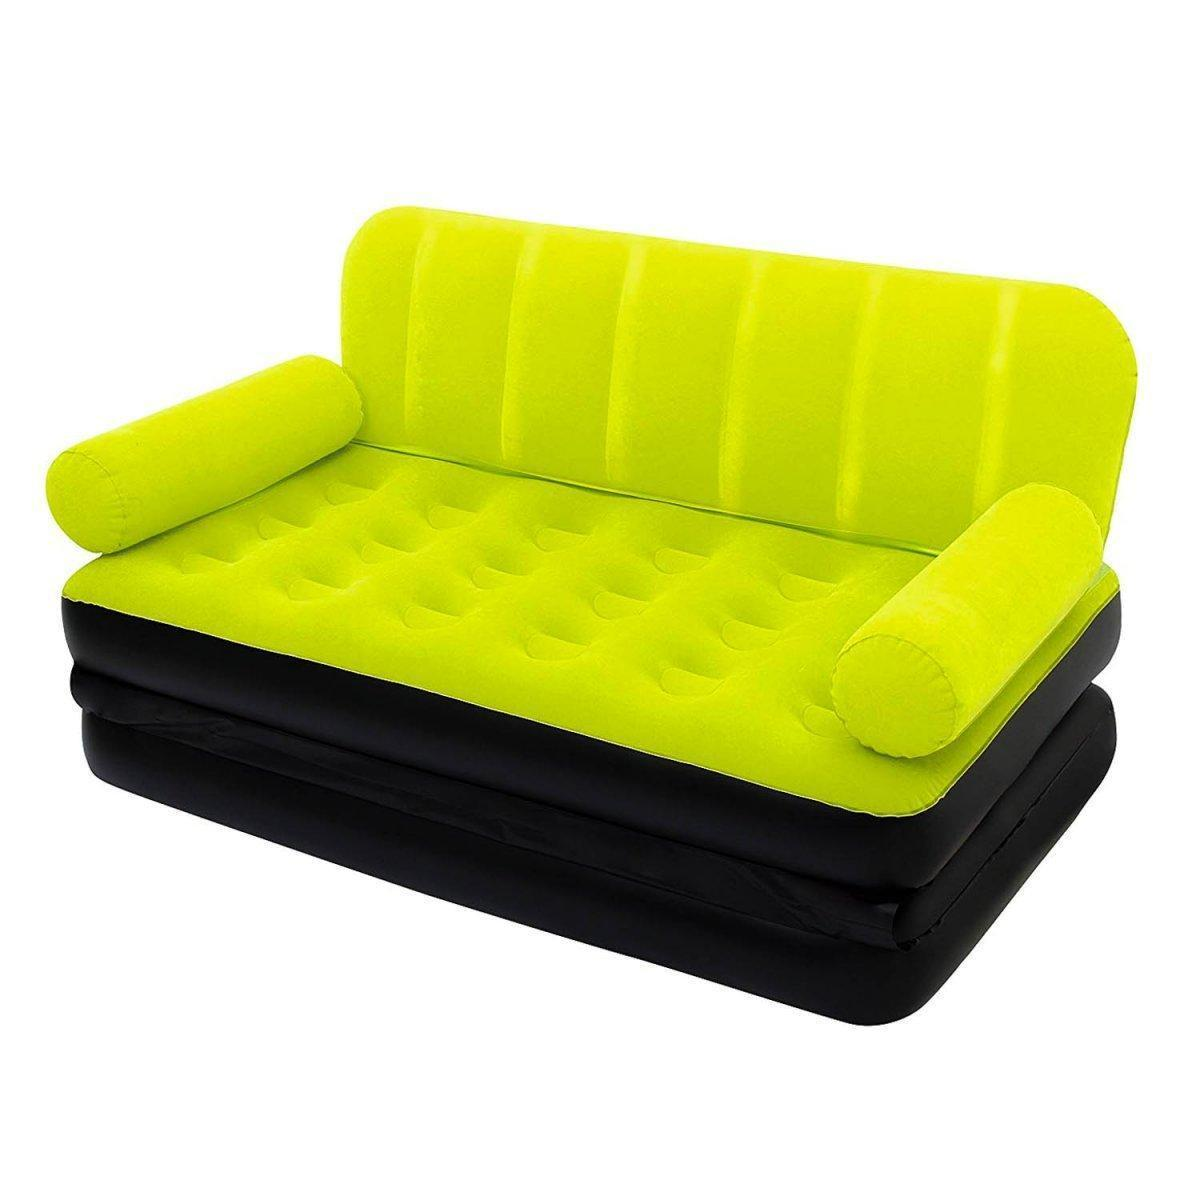 Надувной диван трансформер 2 в 1 Bestway 67356 с электрическим насосом Зеленый